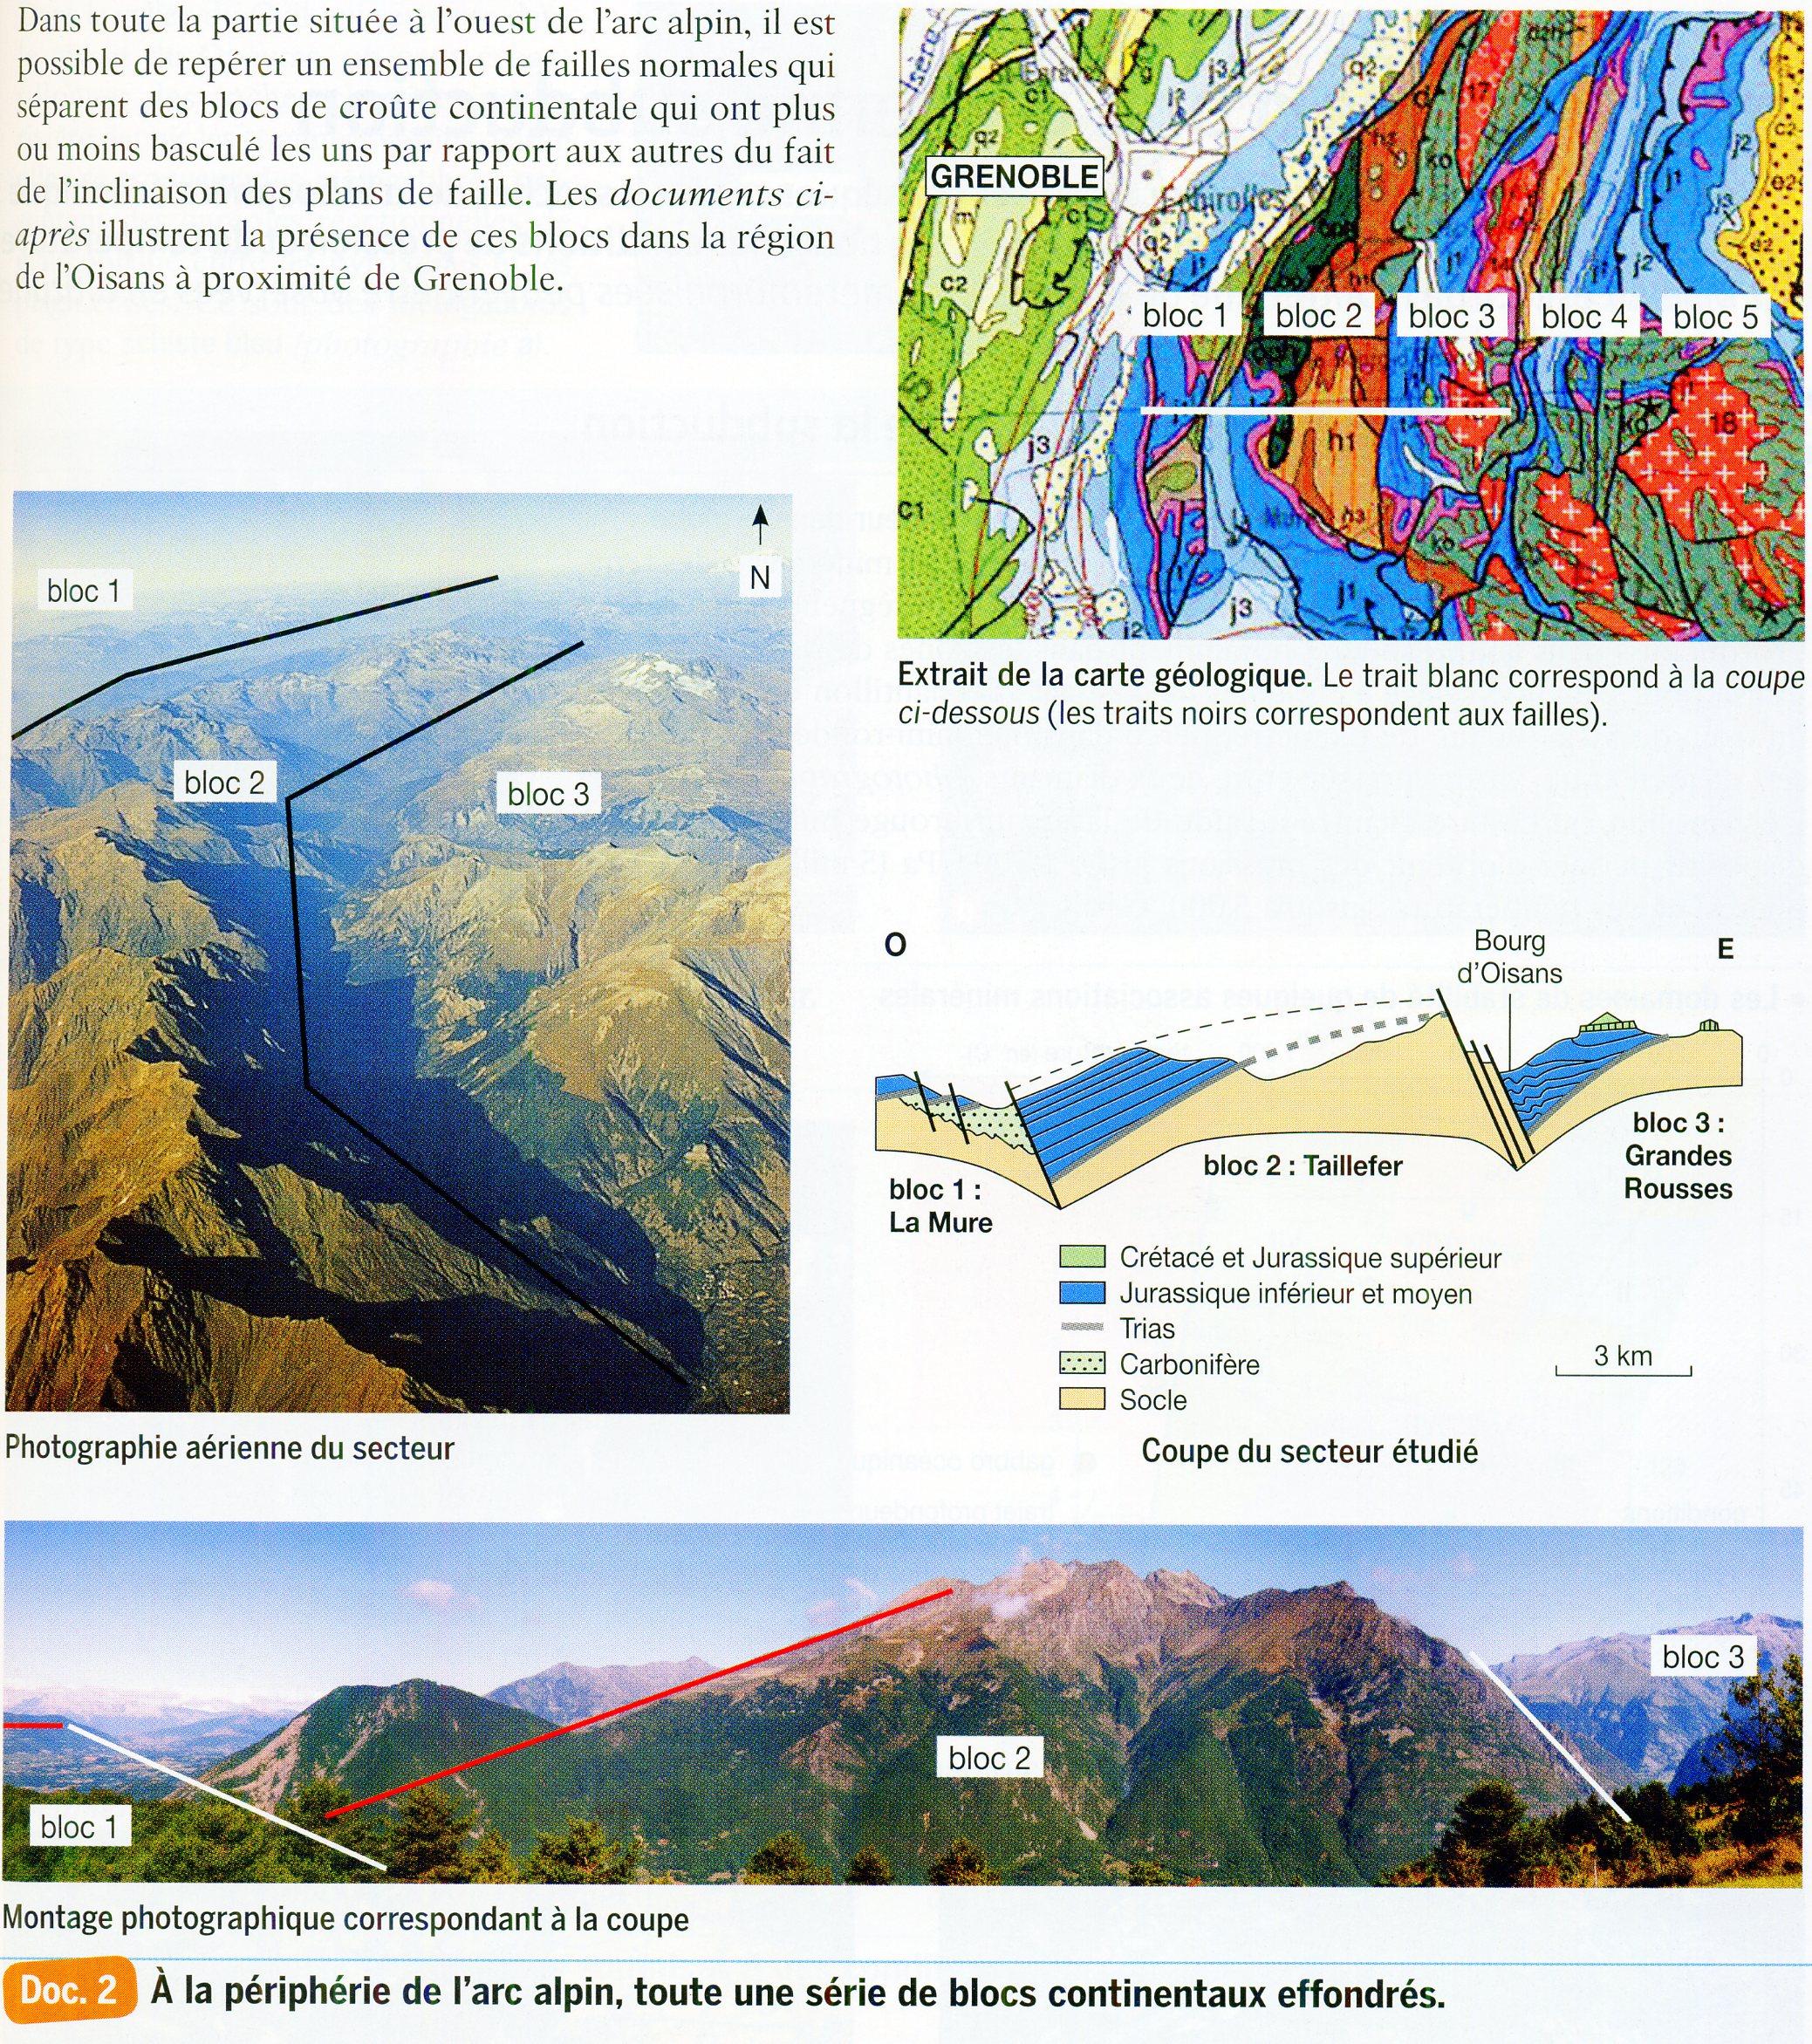 Blocs basculés Alpes